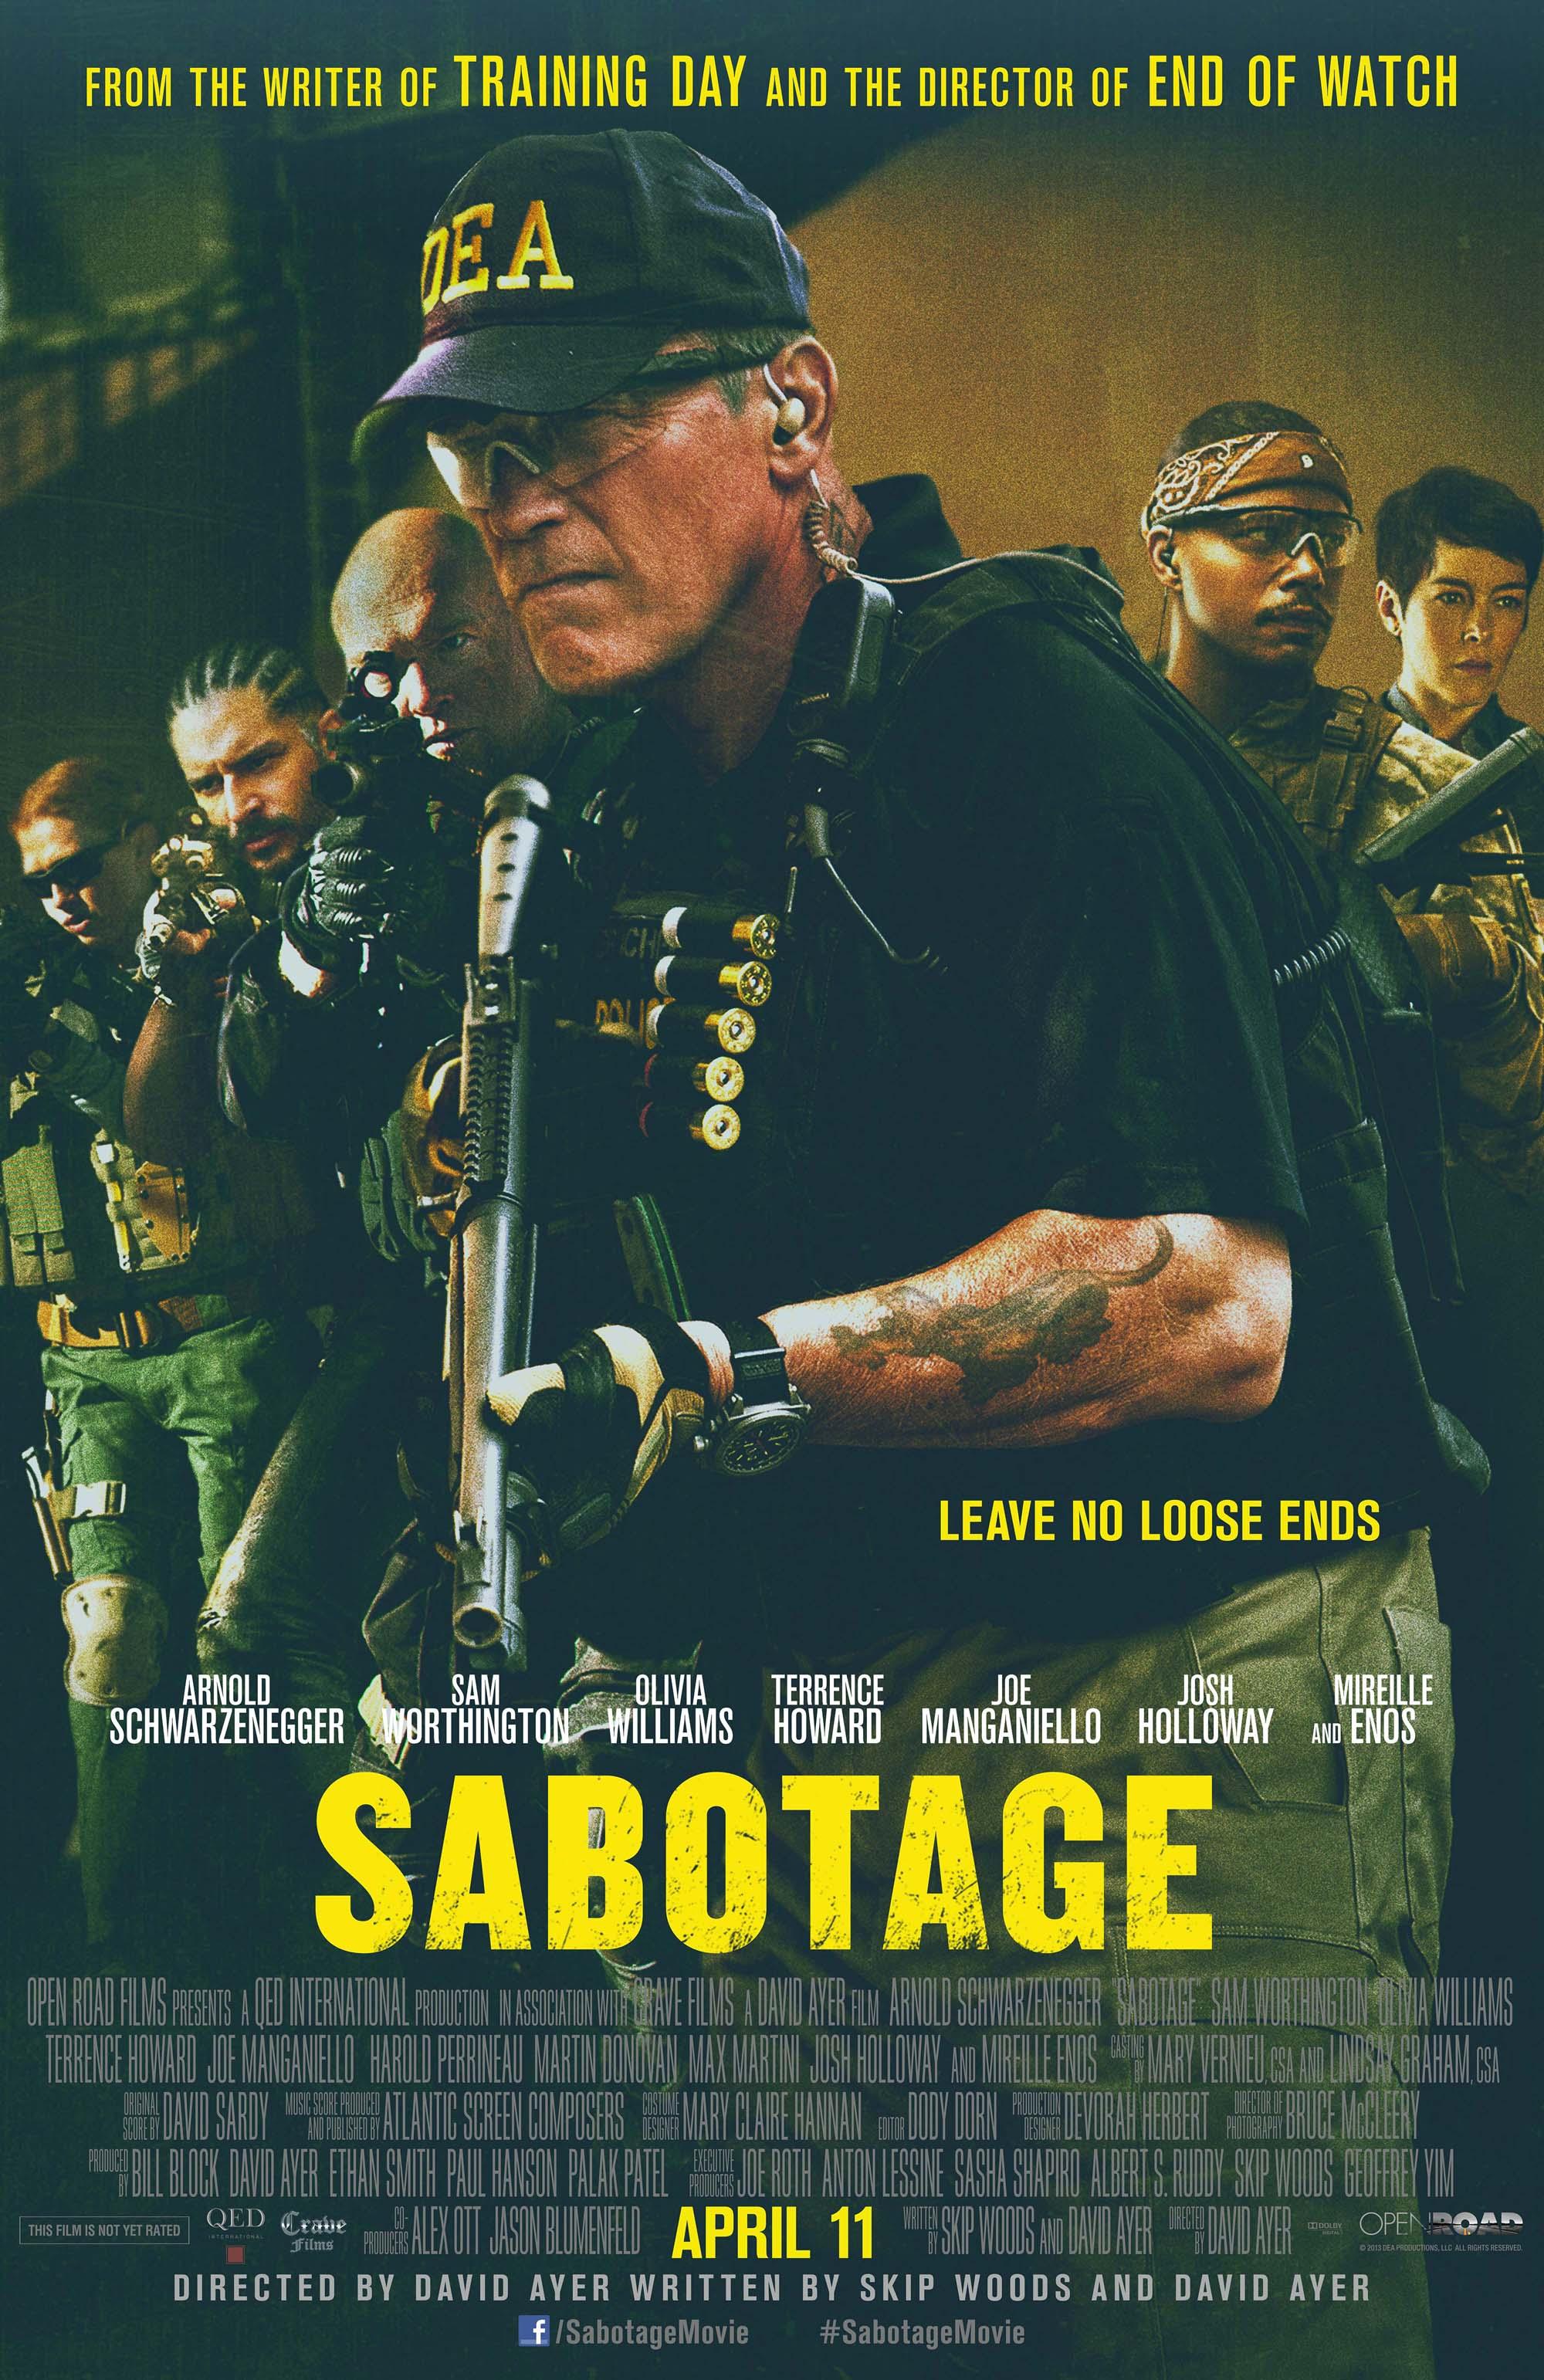 دانلود فیلم خرابکاری Sabotage - دانلود فیلم خرابکاری Sabotage دوبله فارسی